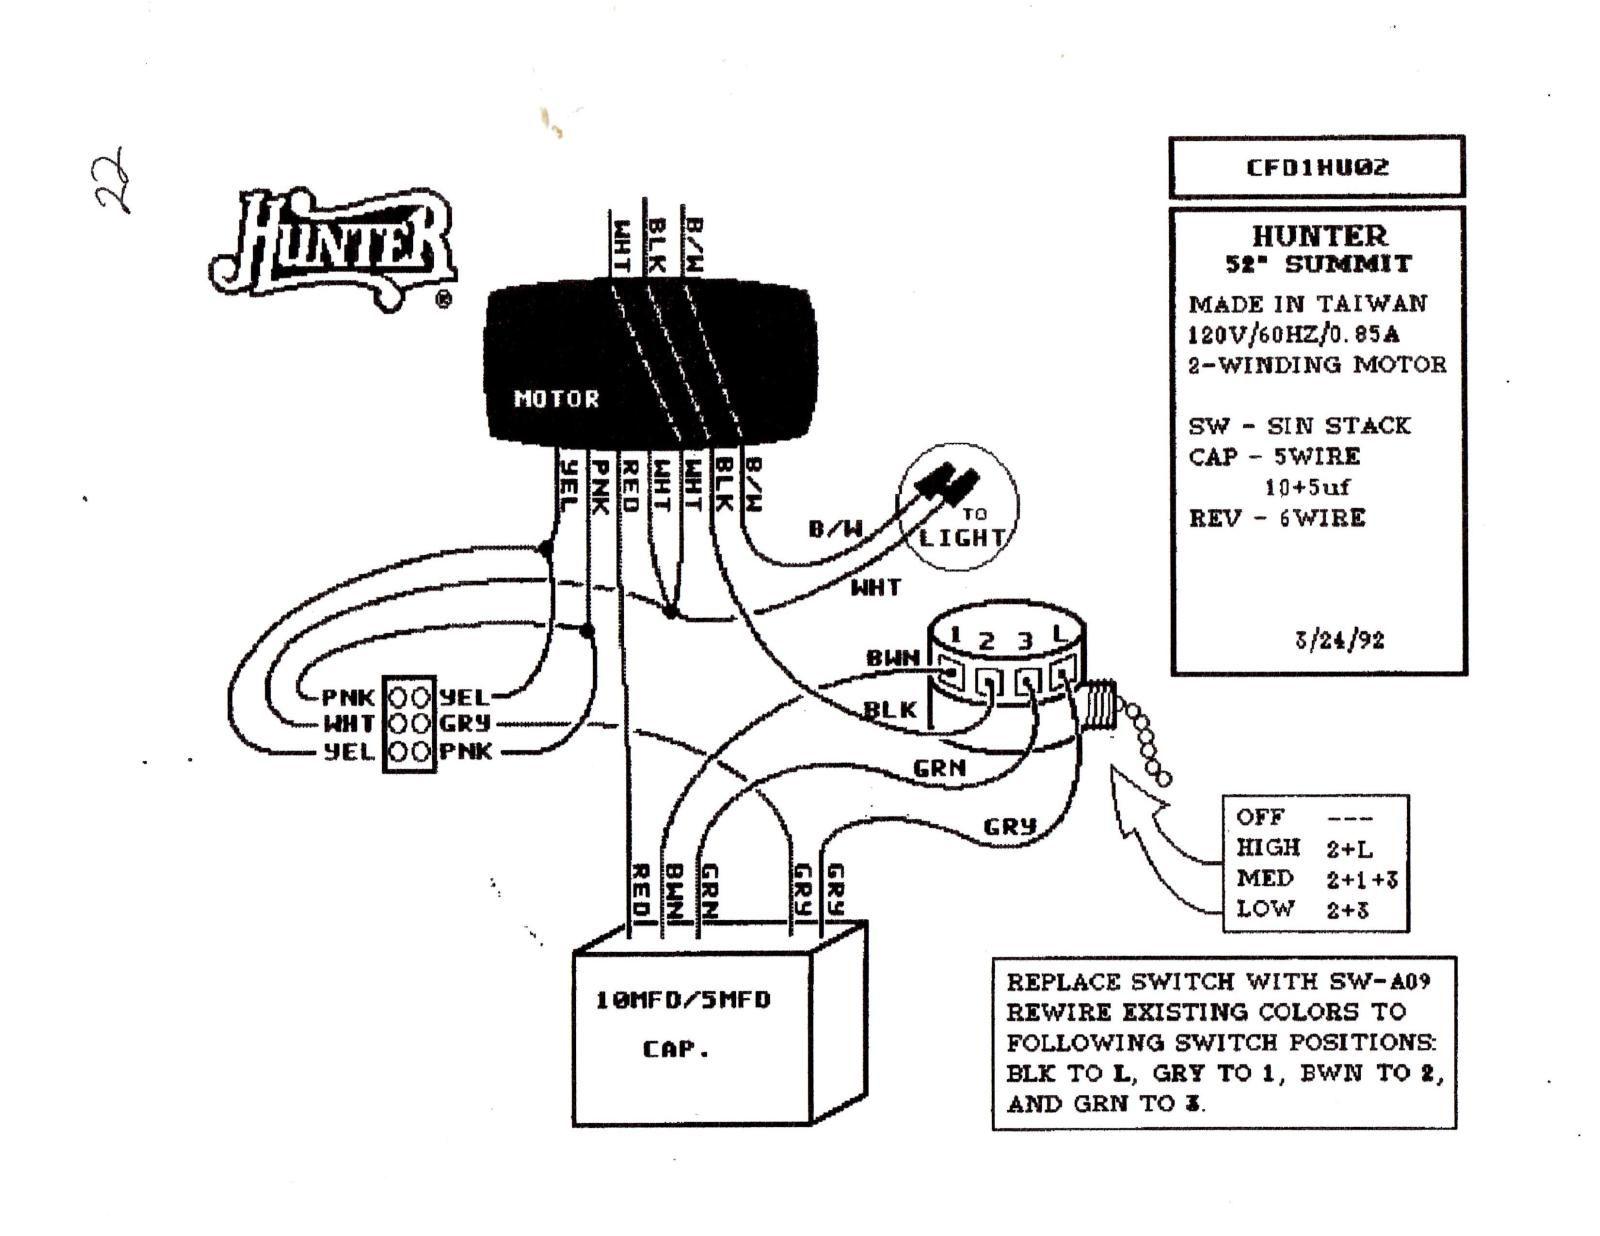 Hunter Ceiling Fan Speed Switch Wiring Diagram